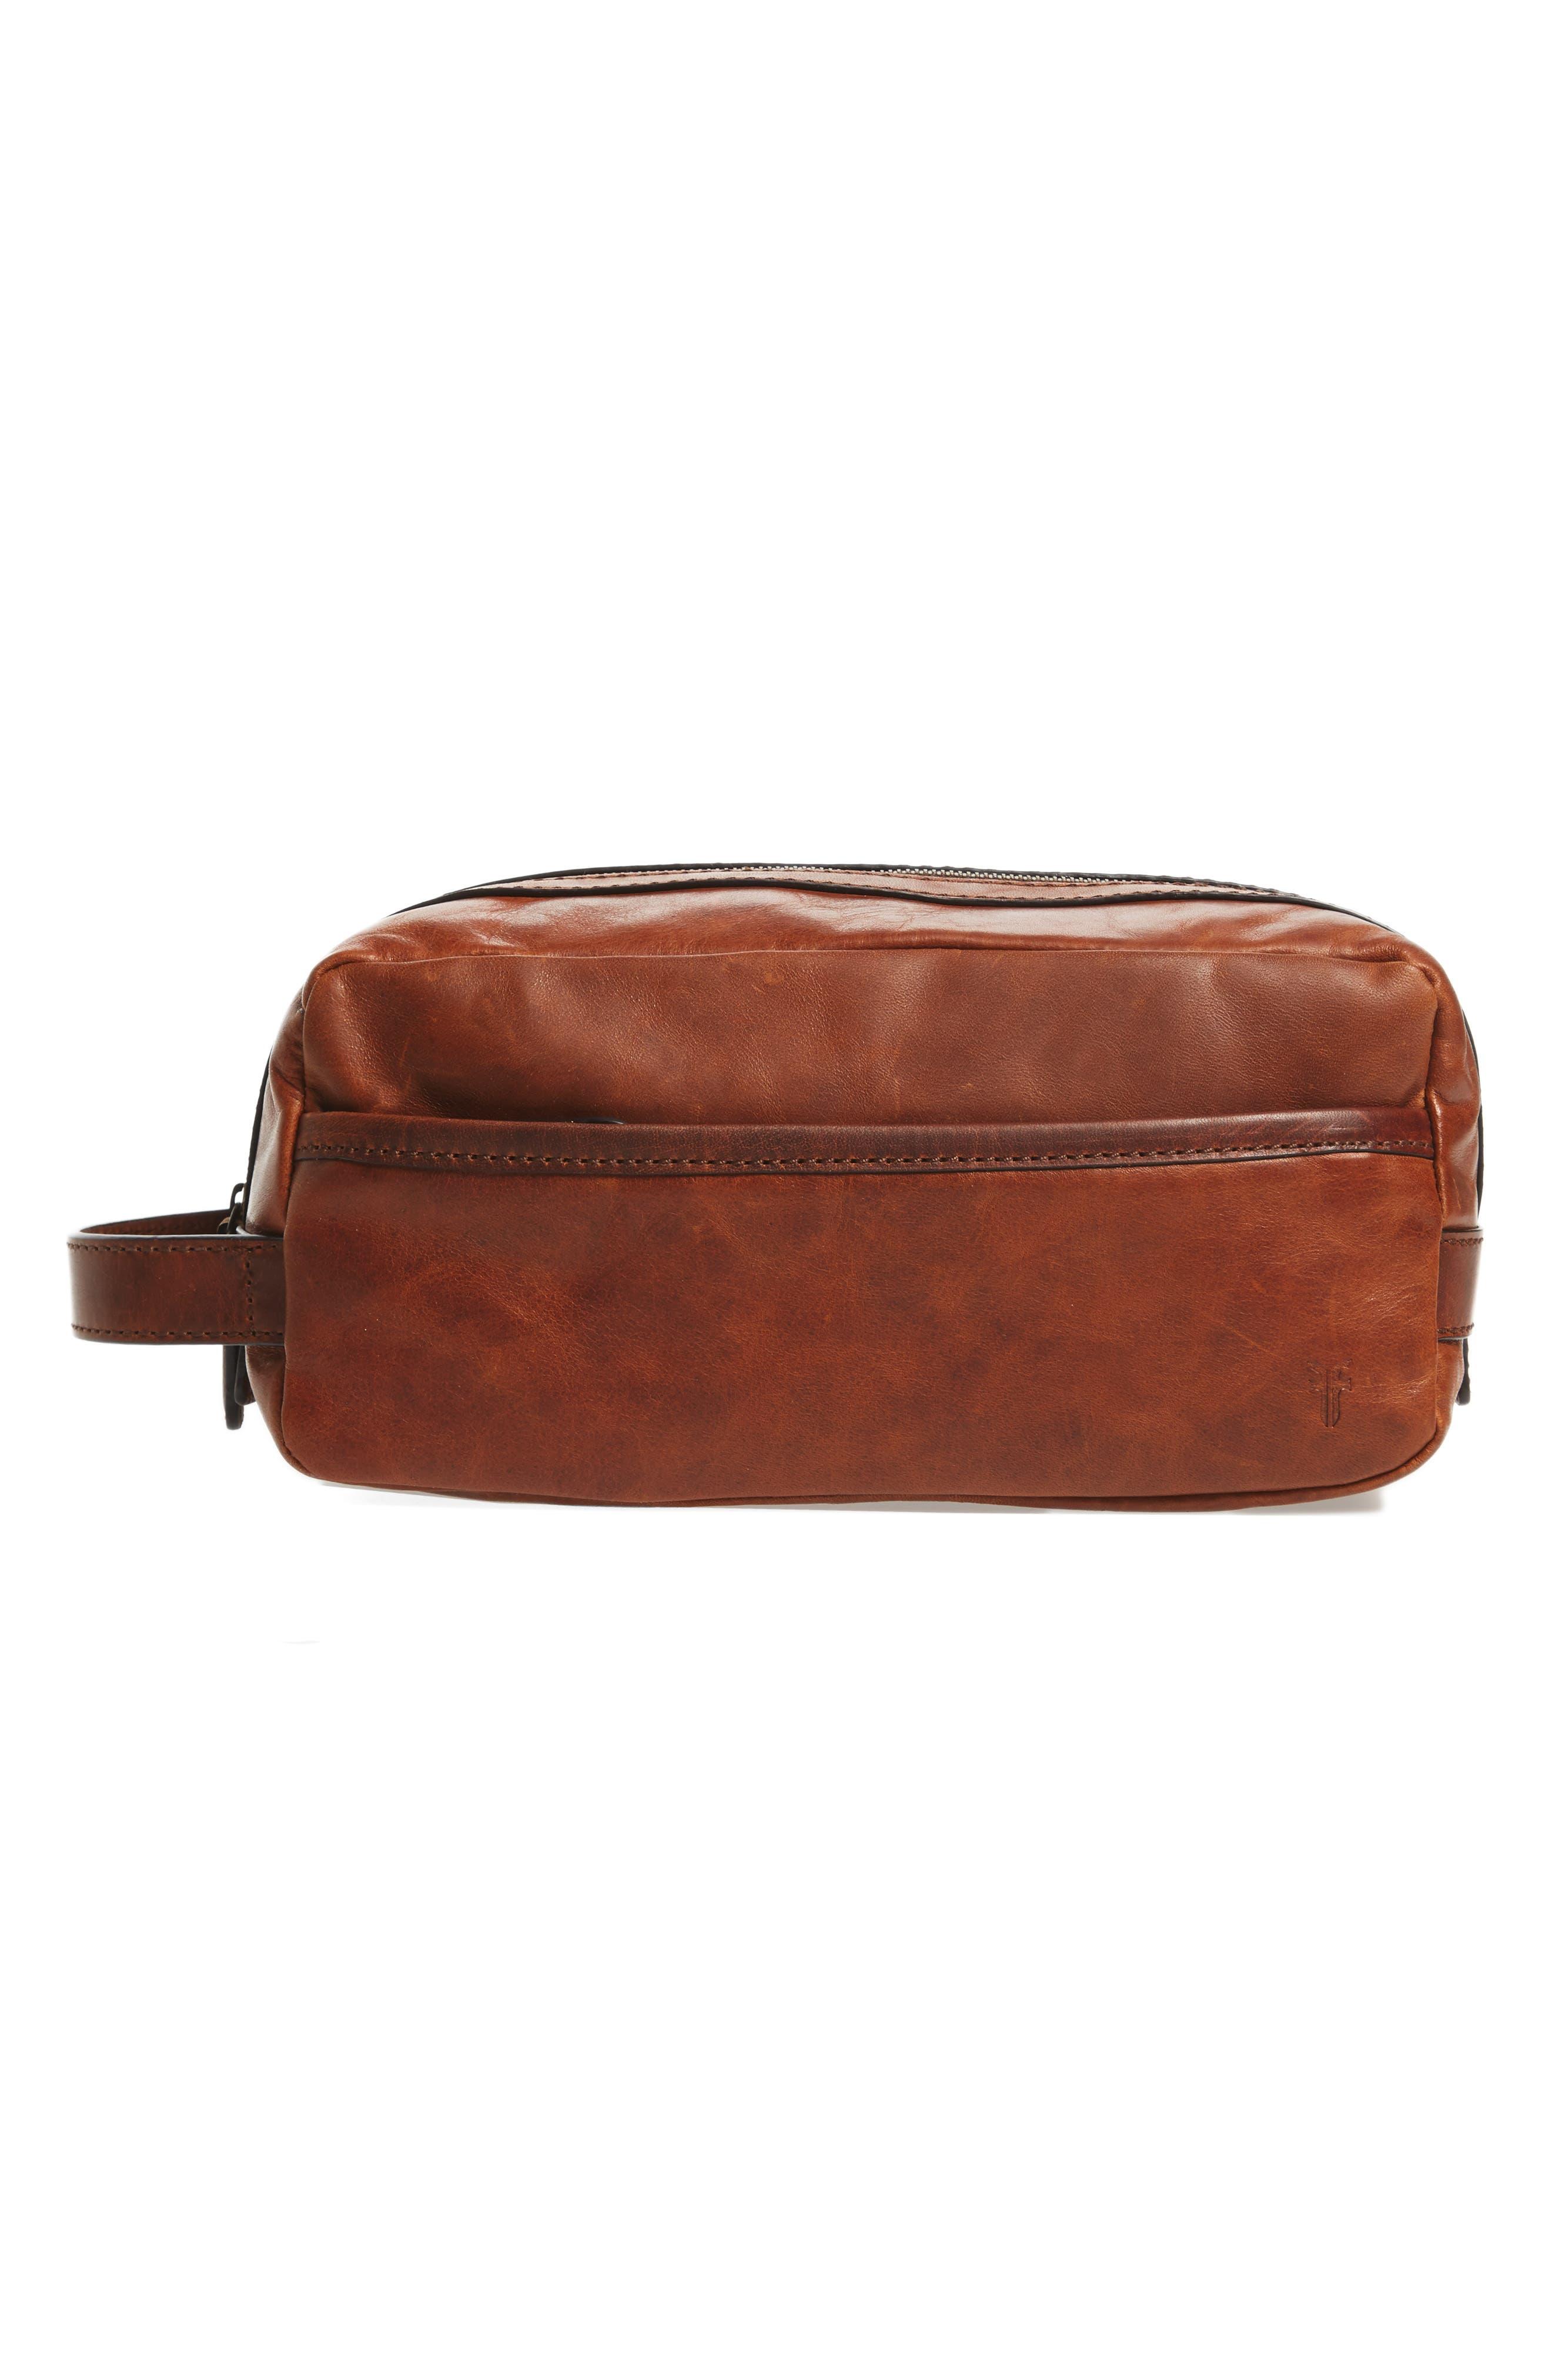 'Logan' Leather Travel Kit,                         Main,                         color, Cognac